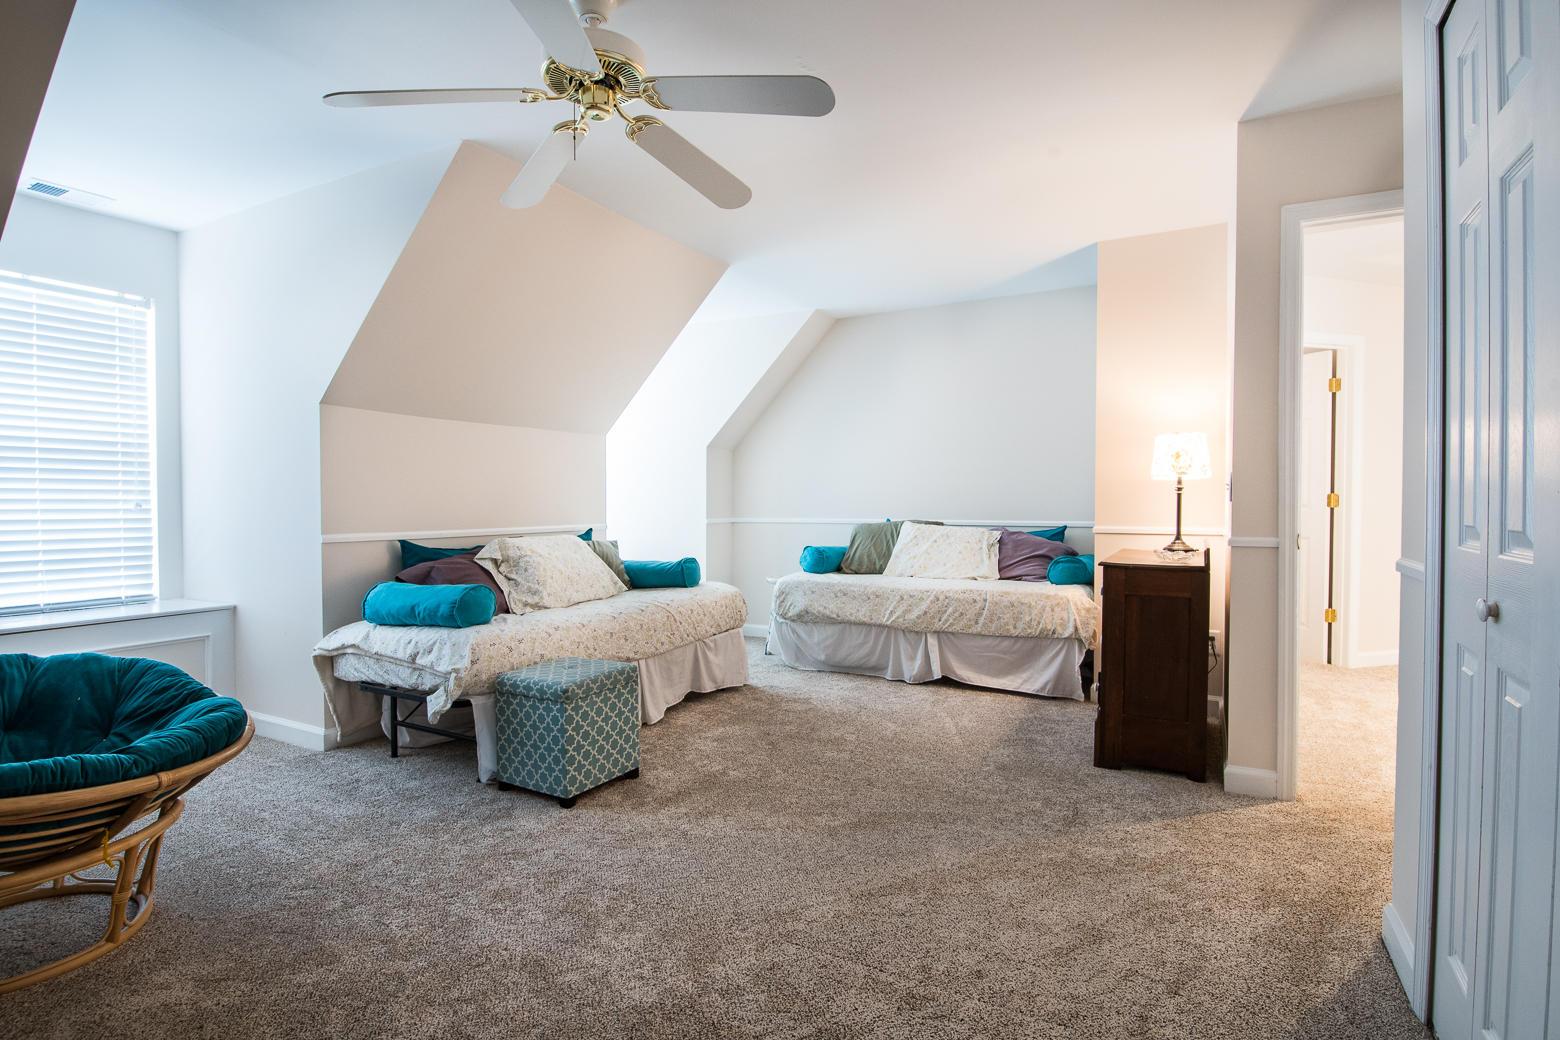 Dunes West Homes For Sale - 1111 Black Rush, Mount Pleasant, SC - 66